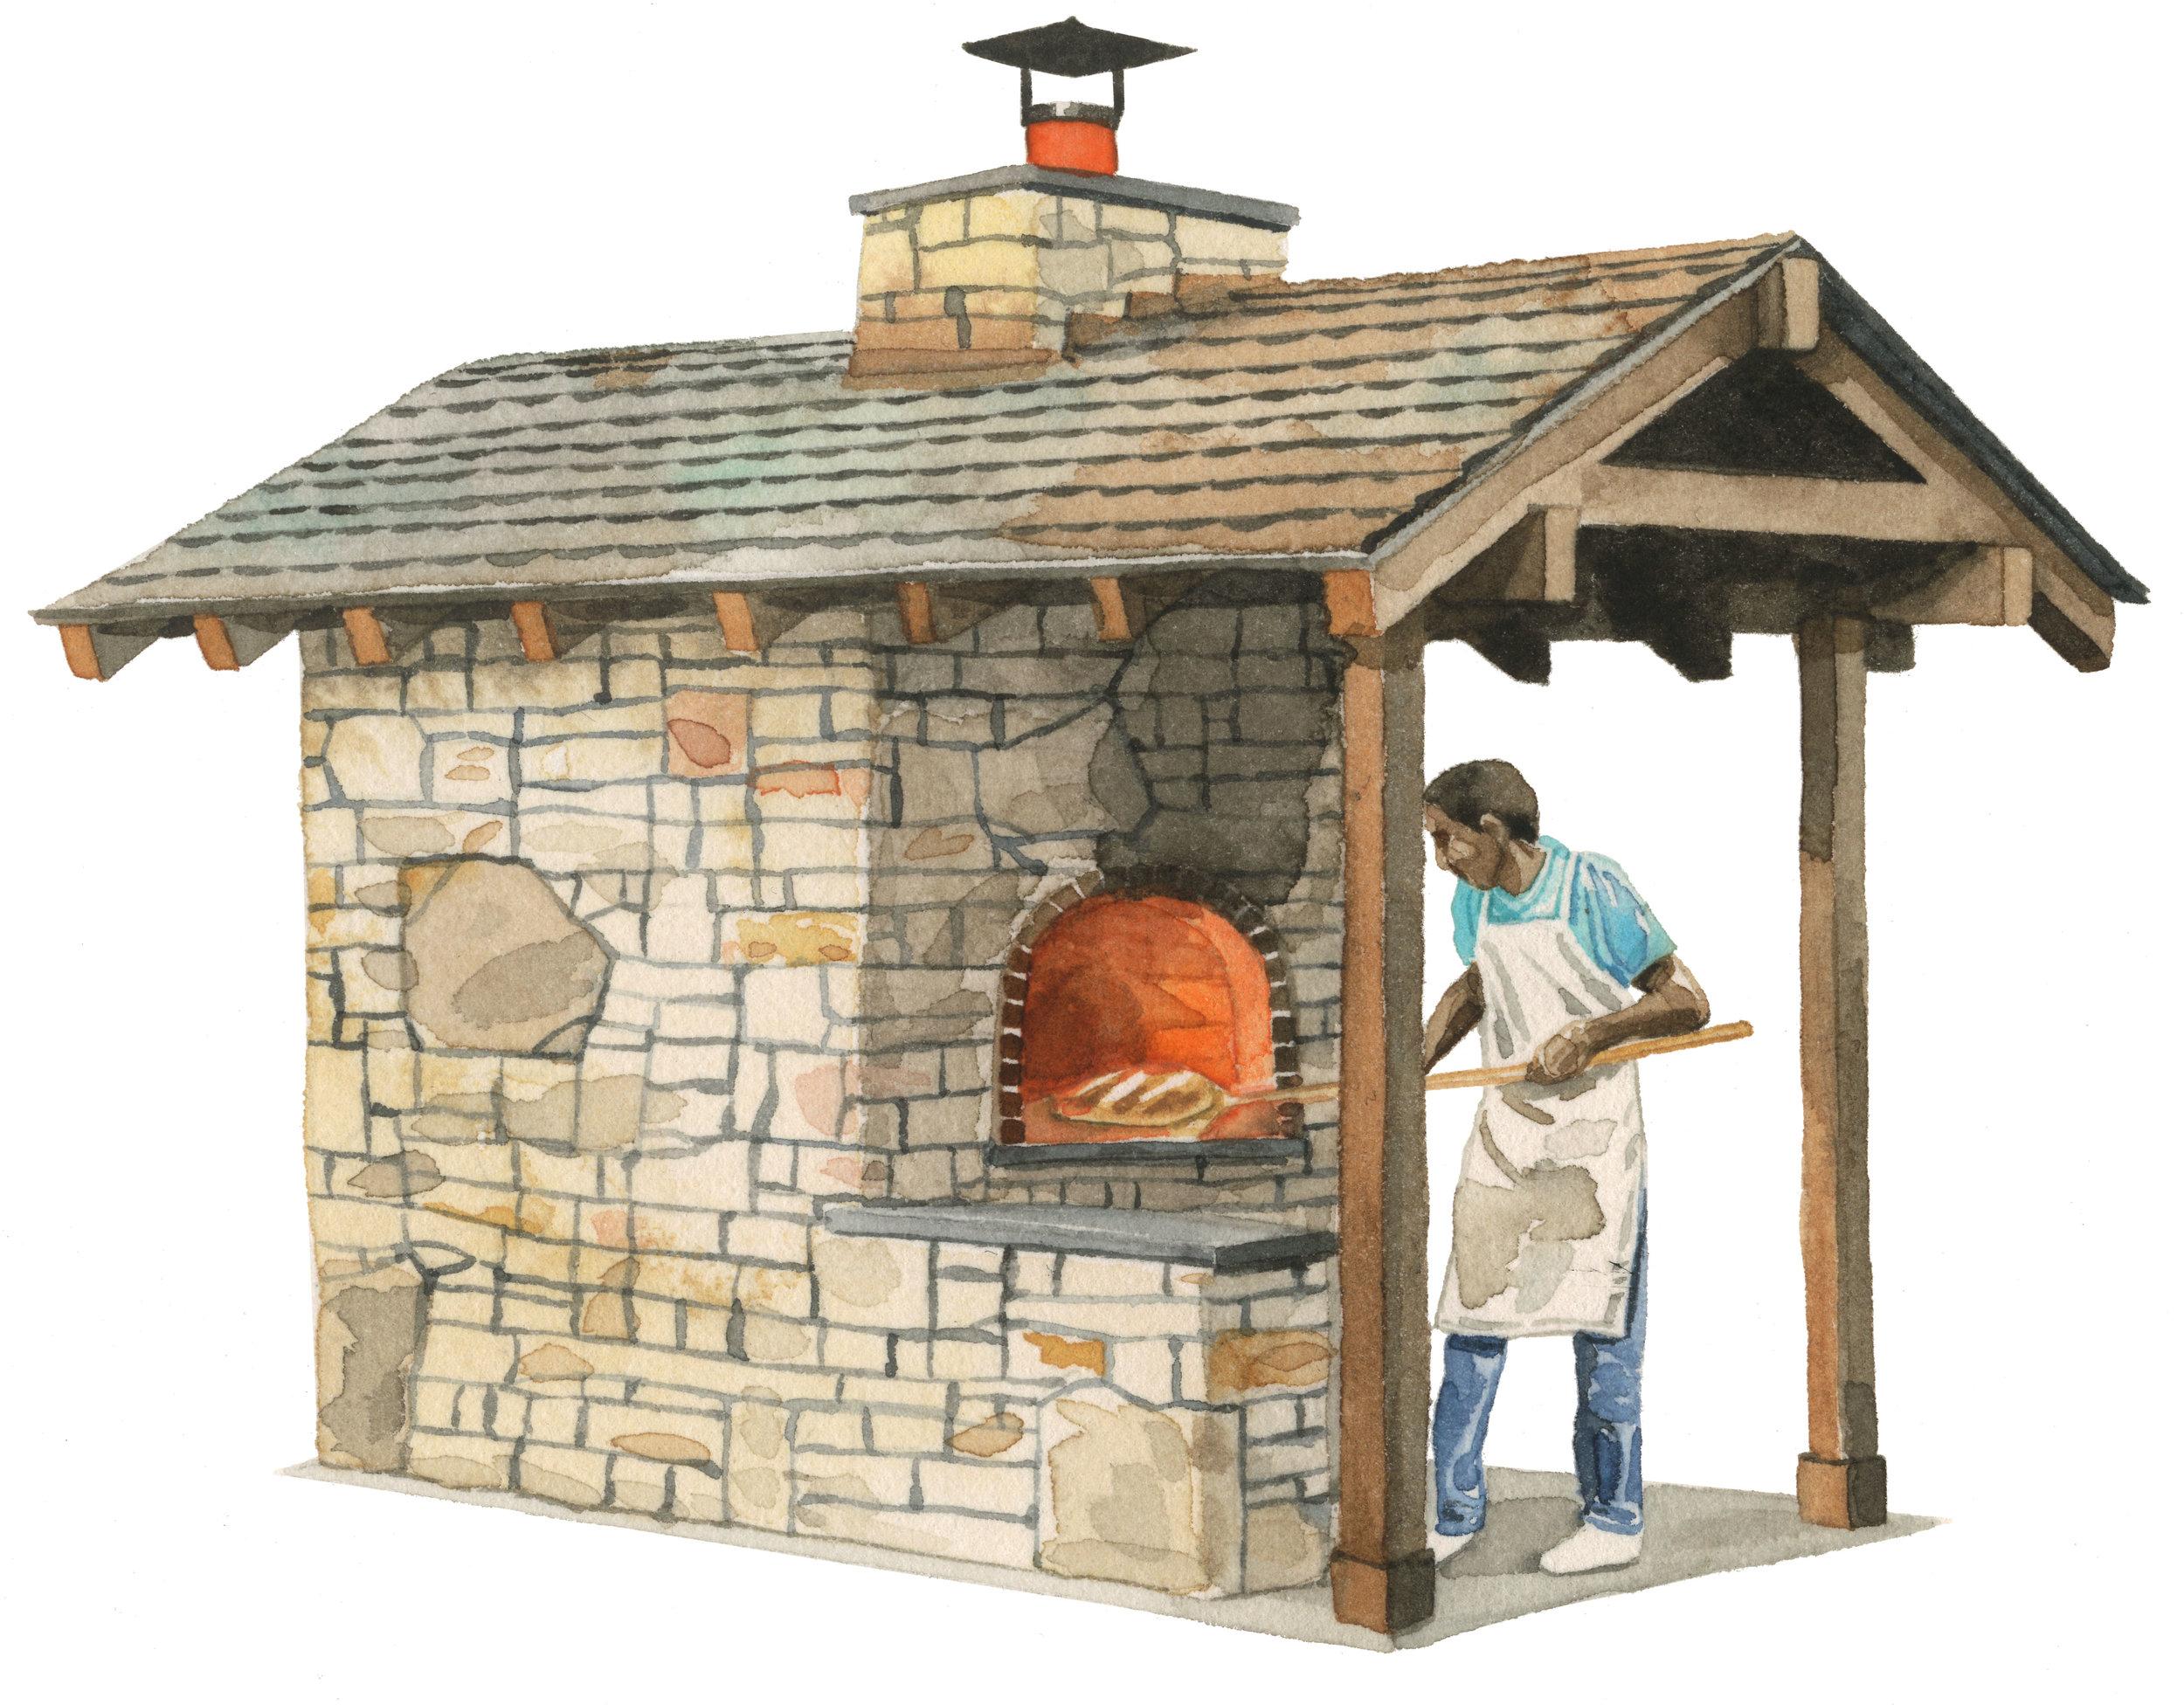 community-oven-lrg.jpg